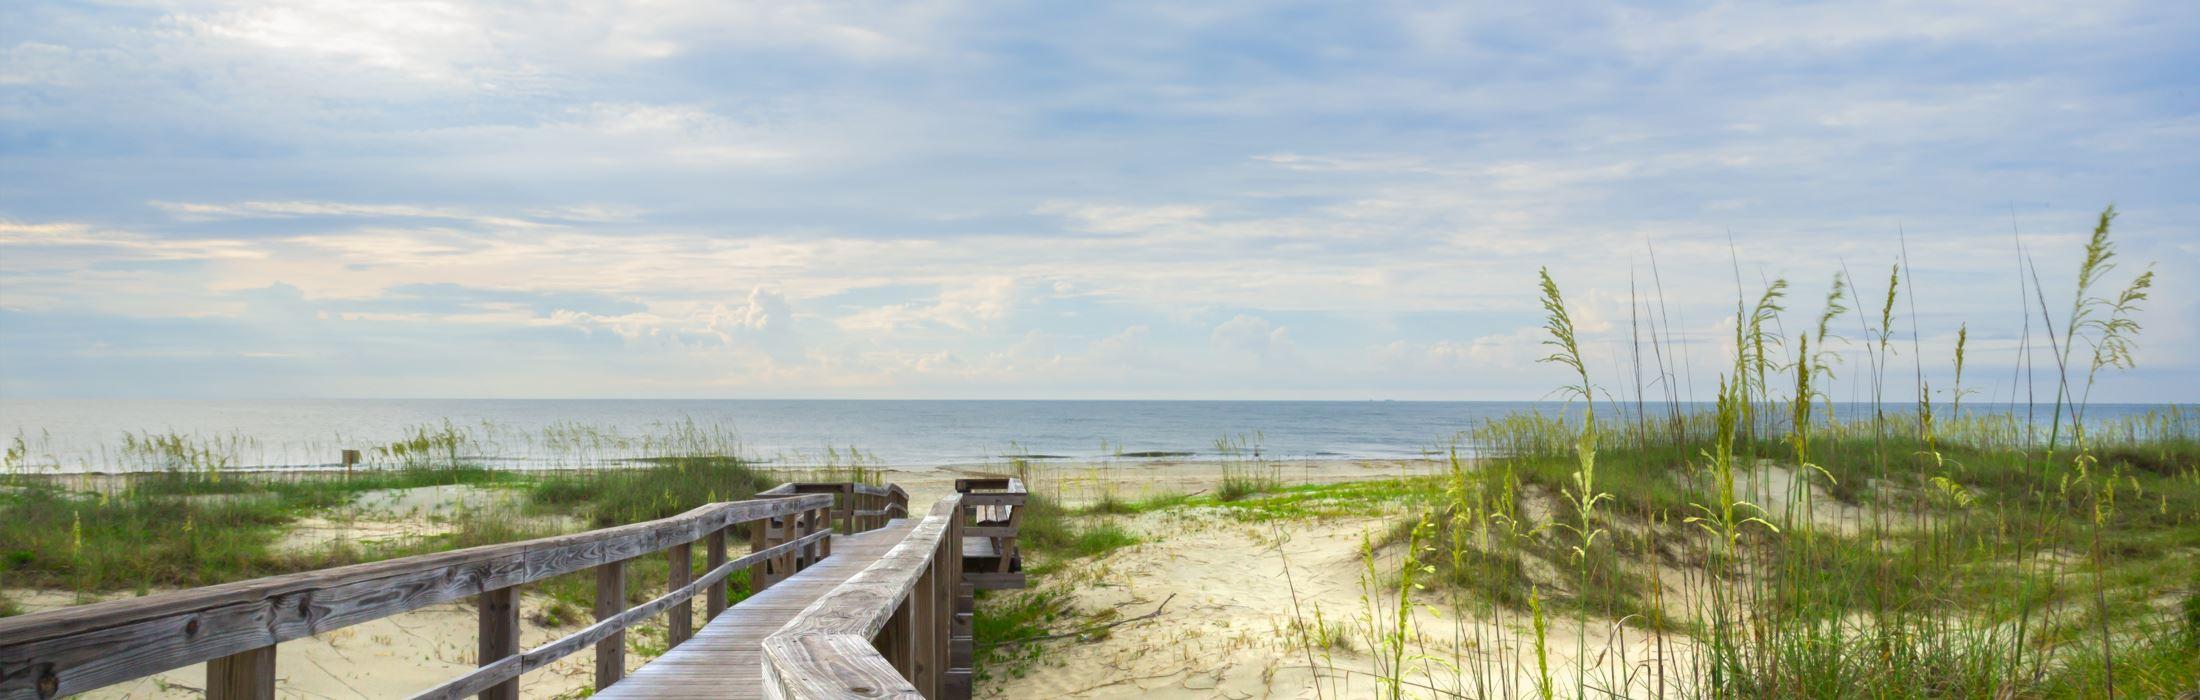 Tybee Island, GA   Official Website